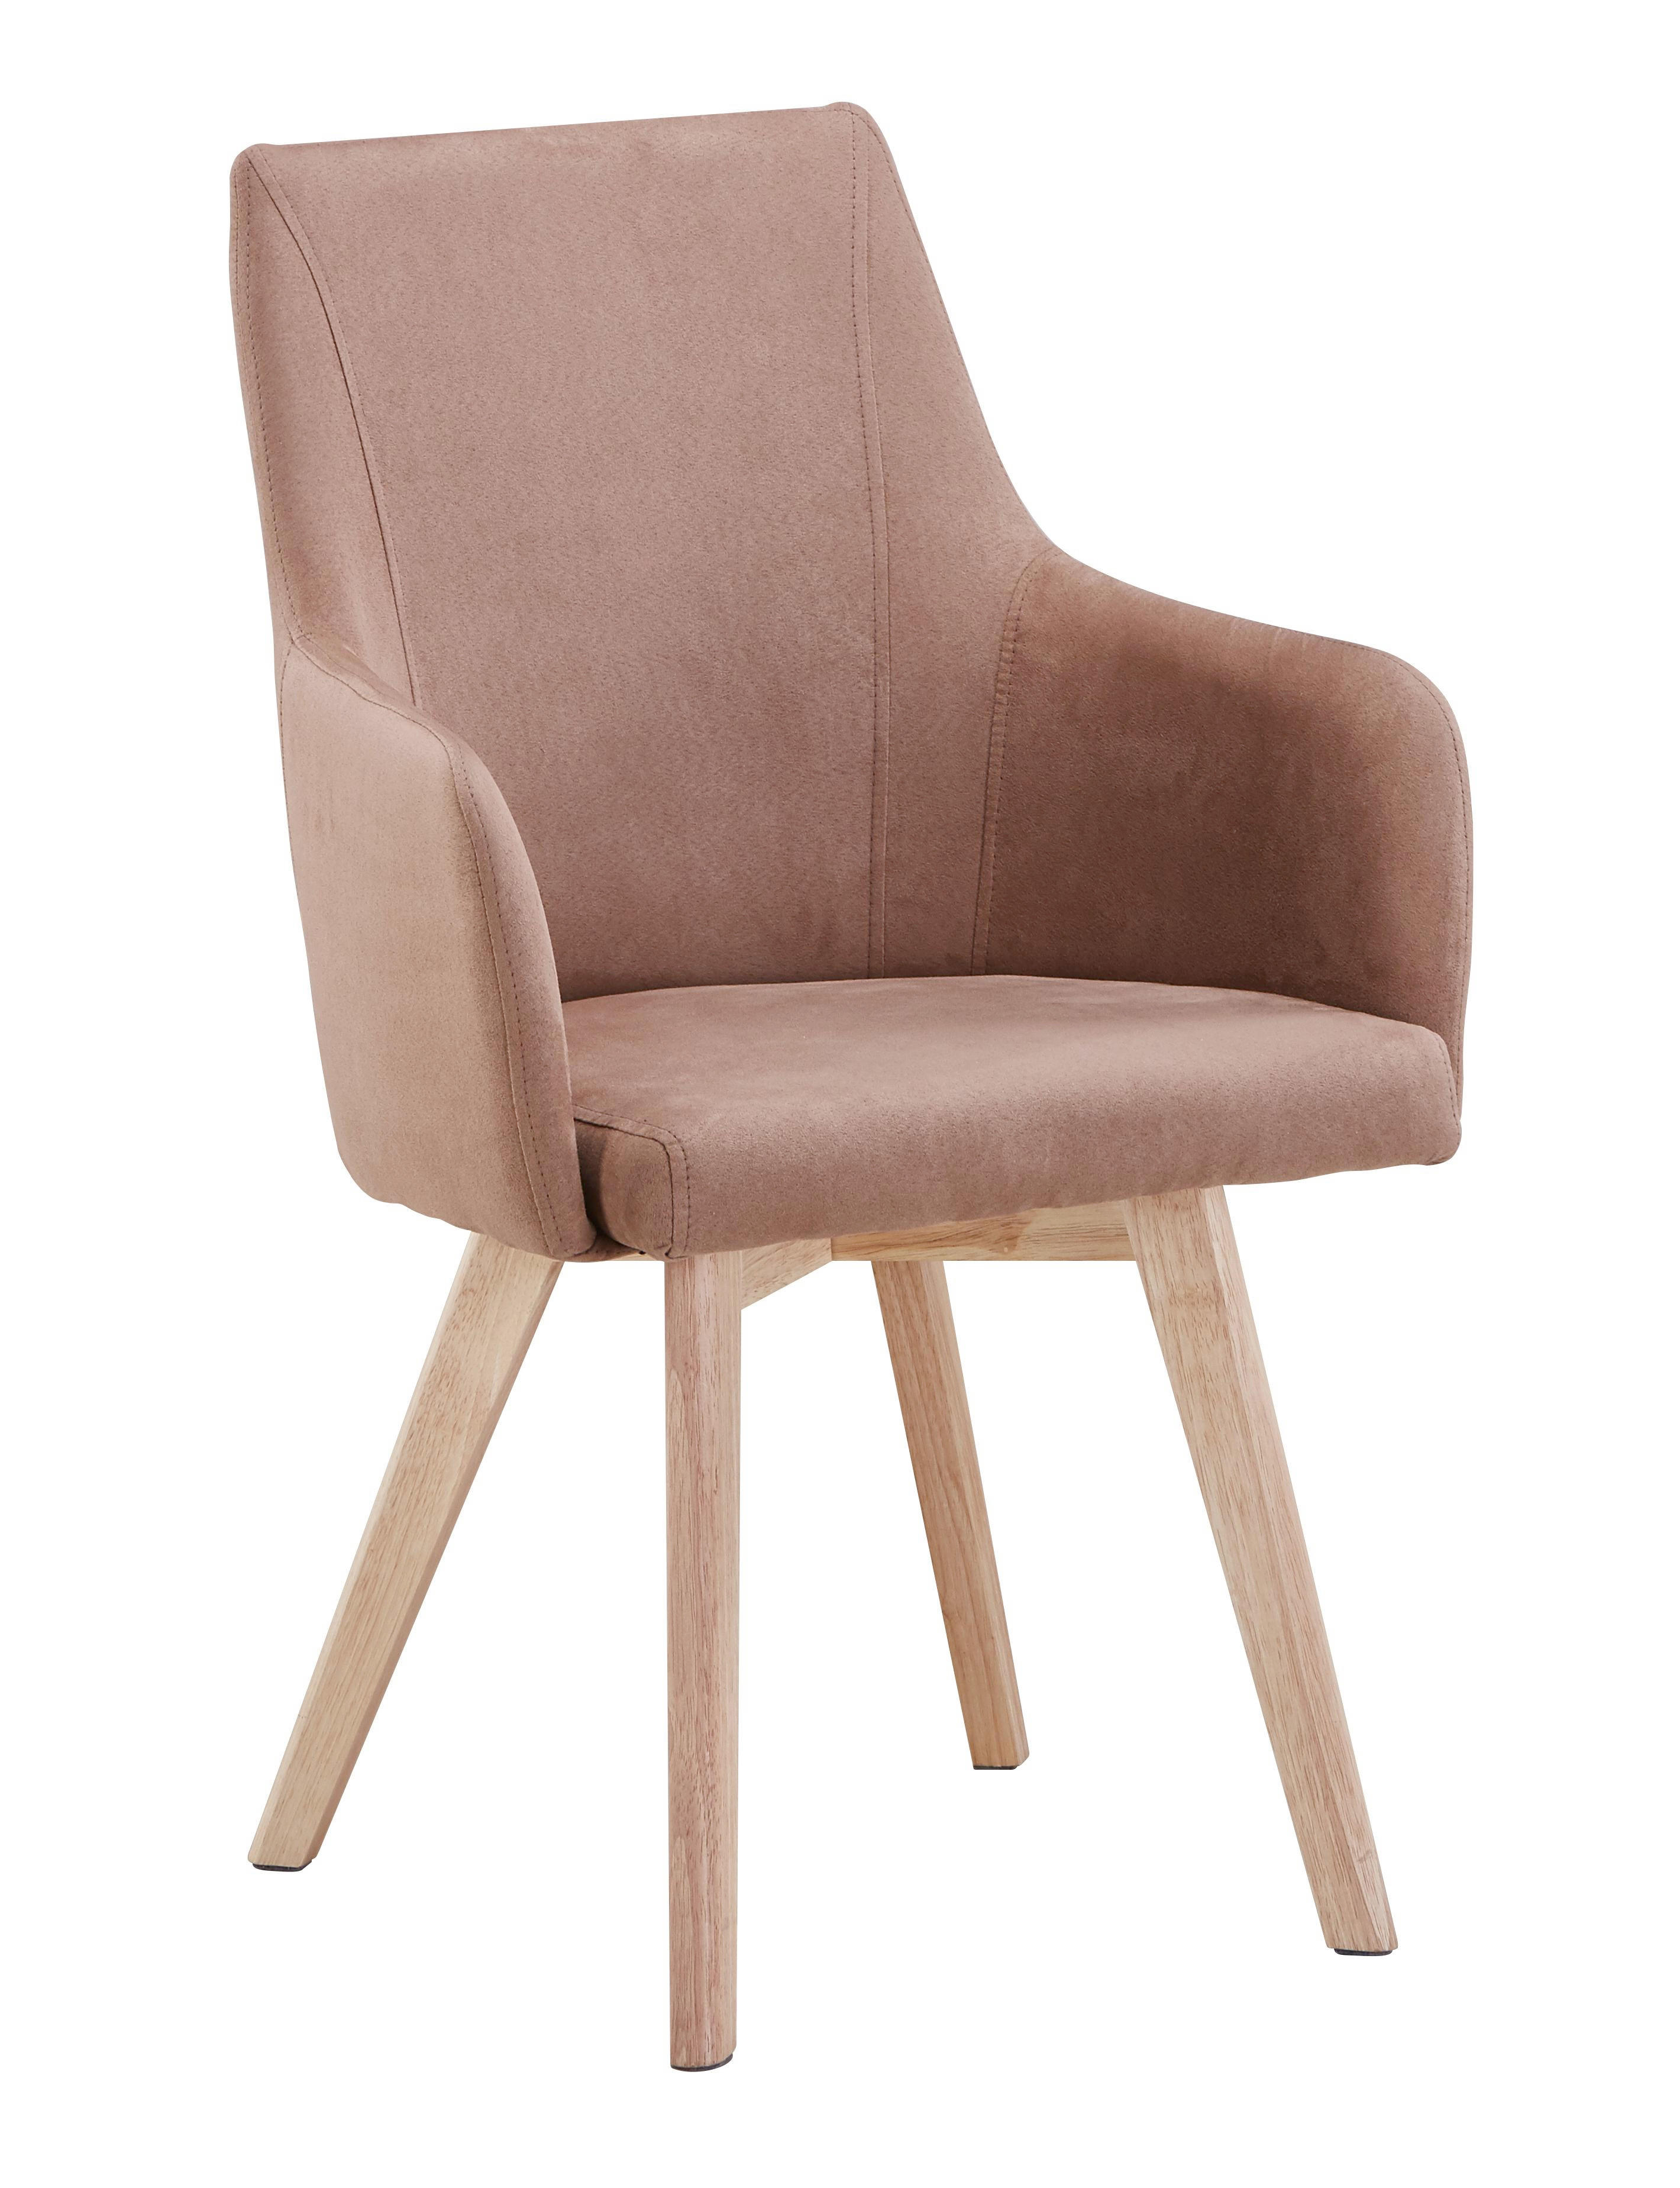 Esszimmerstühle Kaufen Xxxlutz Esszimmerstühle Kaufen Online Online Esszimmerstühle Xxxlutz exBoCWrd